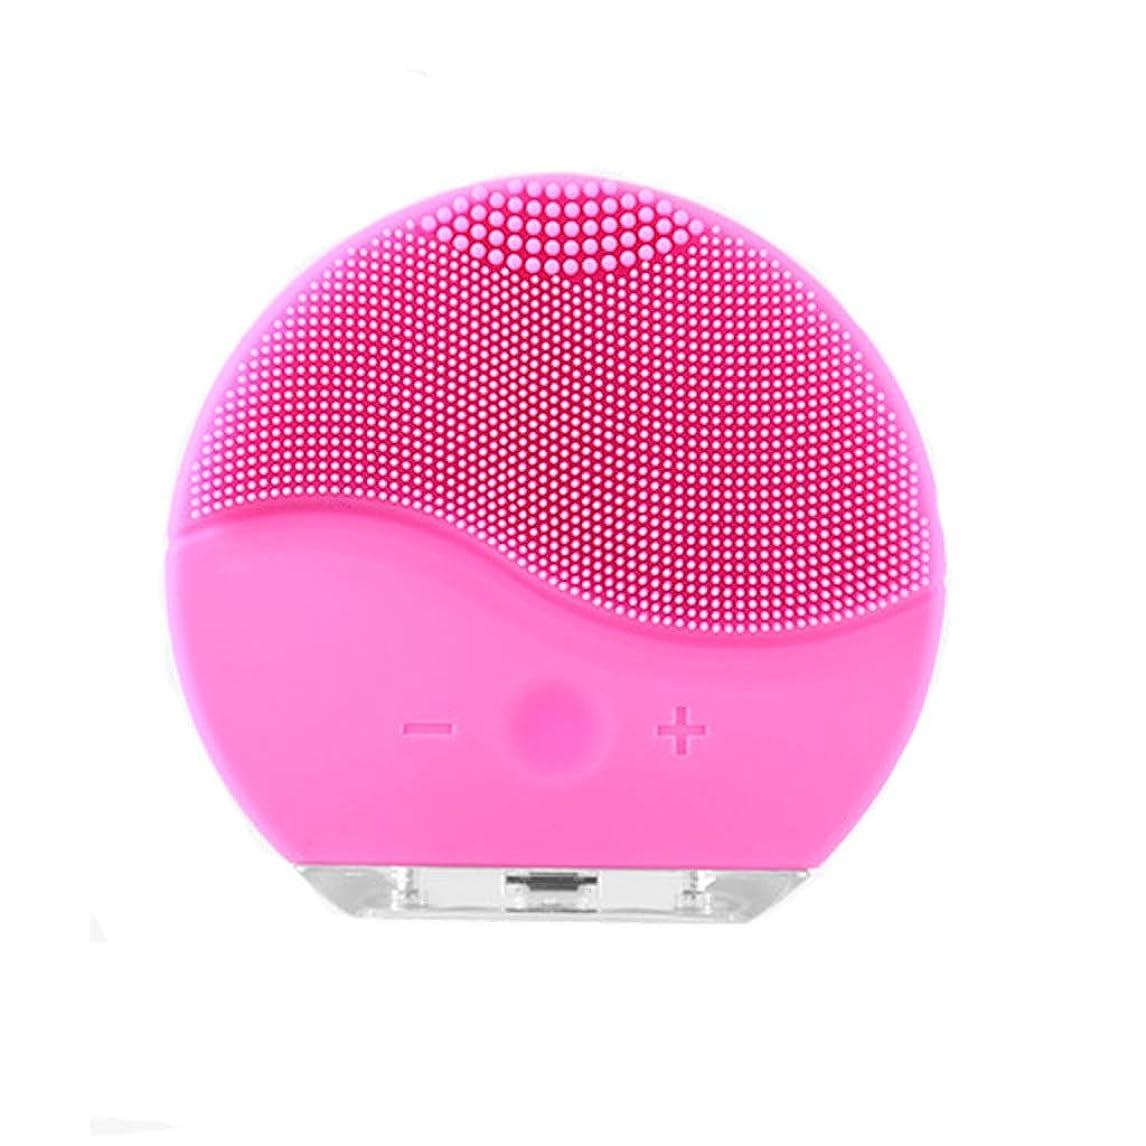 全く国家靄洗濯フェイスアーティファクト家庭用電化製品洗浄シリコーン電気洗浄器具usb充電防水美容器具洗浄ブラシ (Color : Pink)